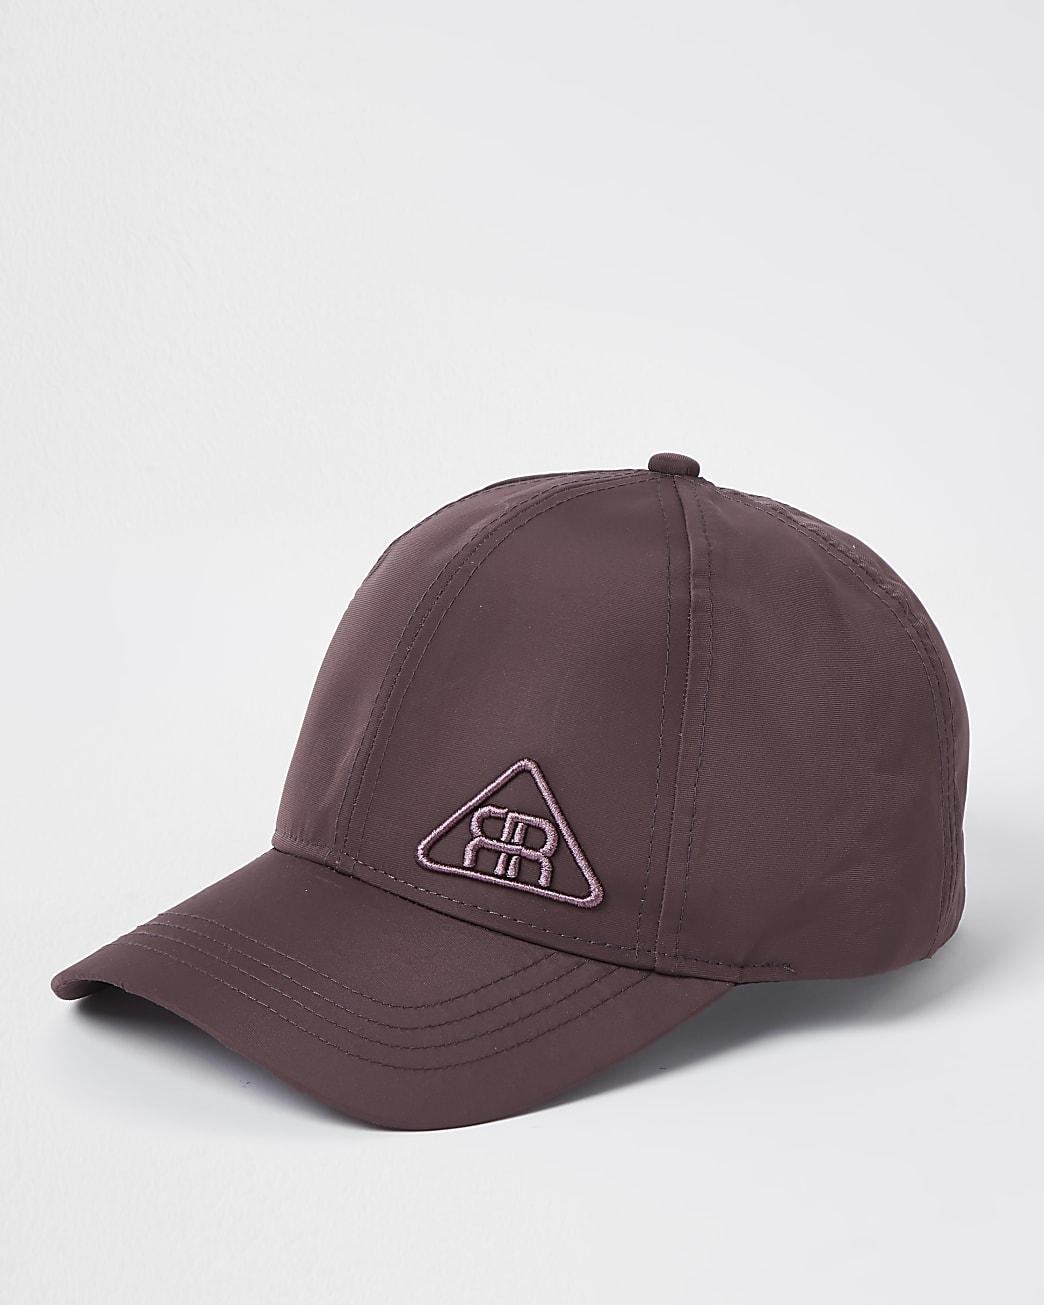 Purple RR triangle logo nylon cap